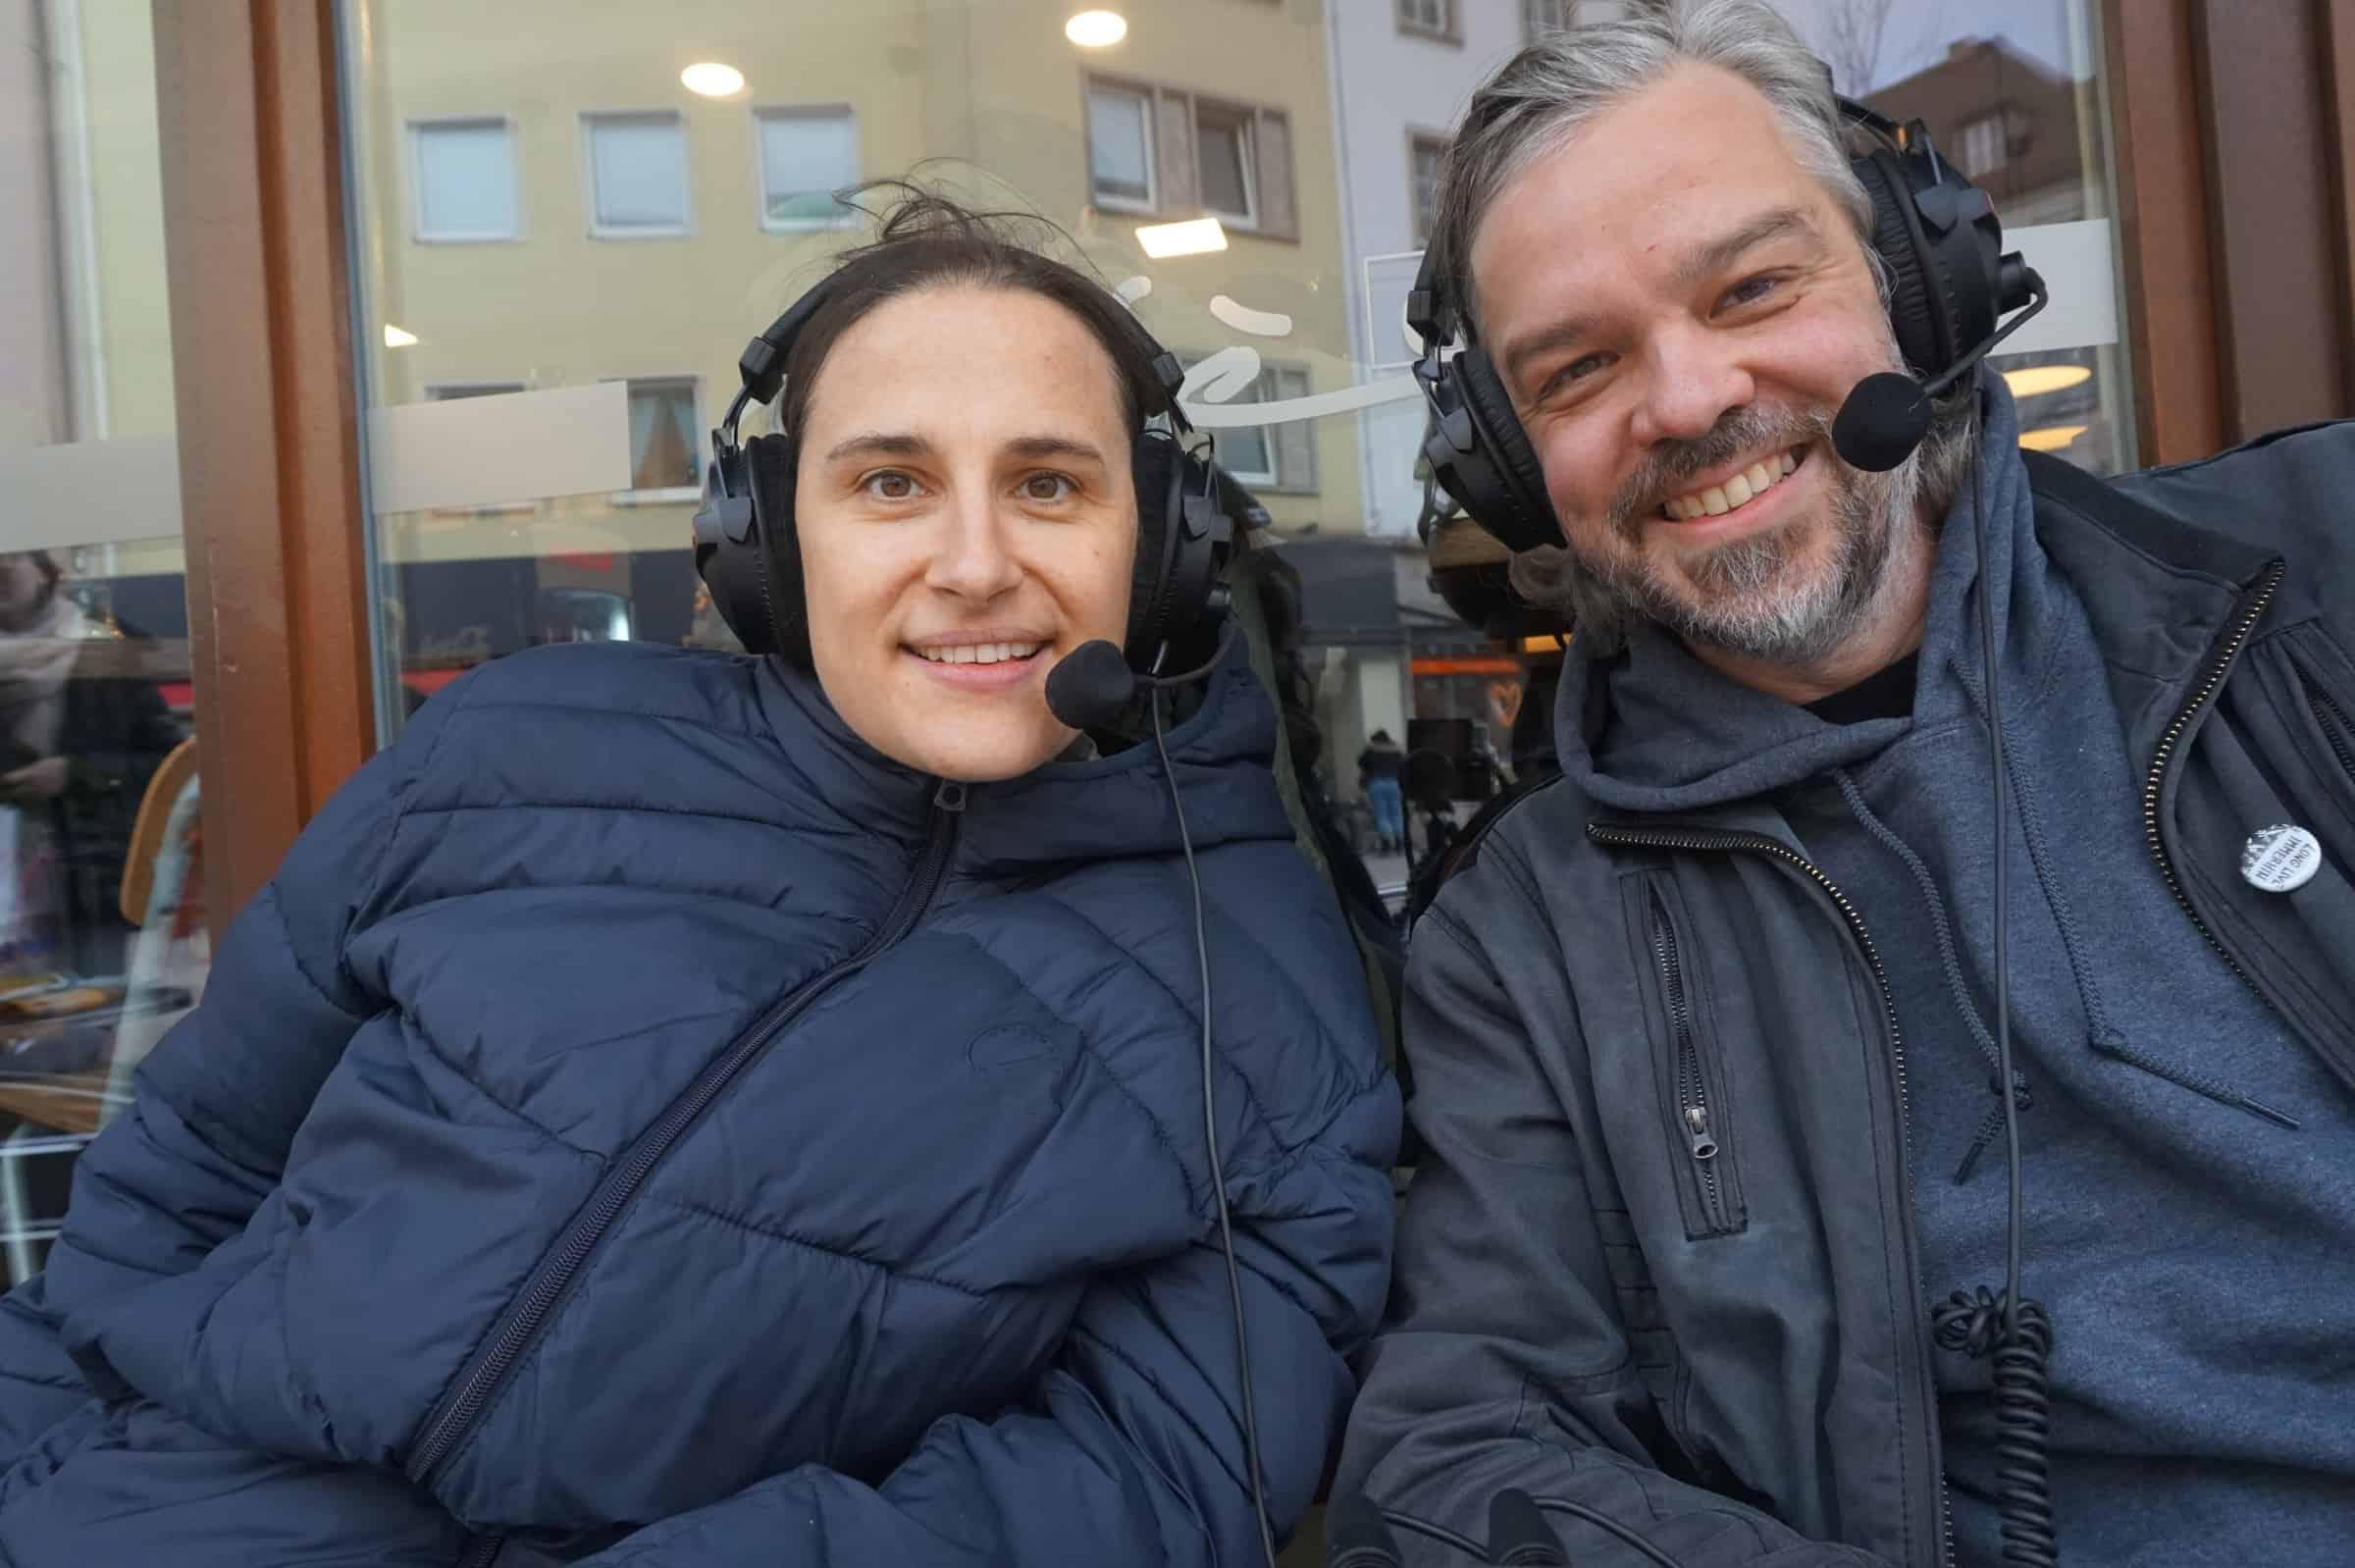 Würzblog-Podcast #15: Ute Mündlein zu Gast bei Ralf Thees